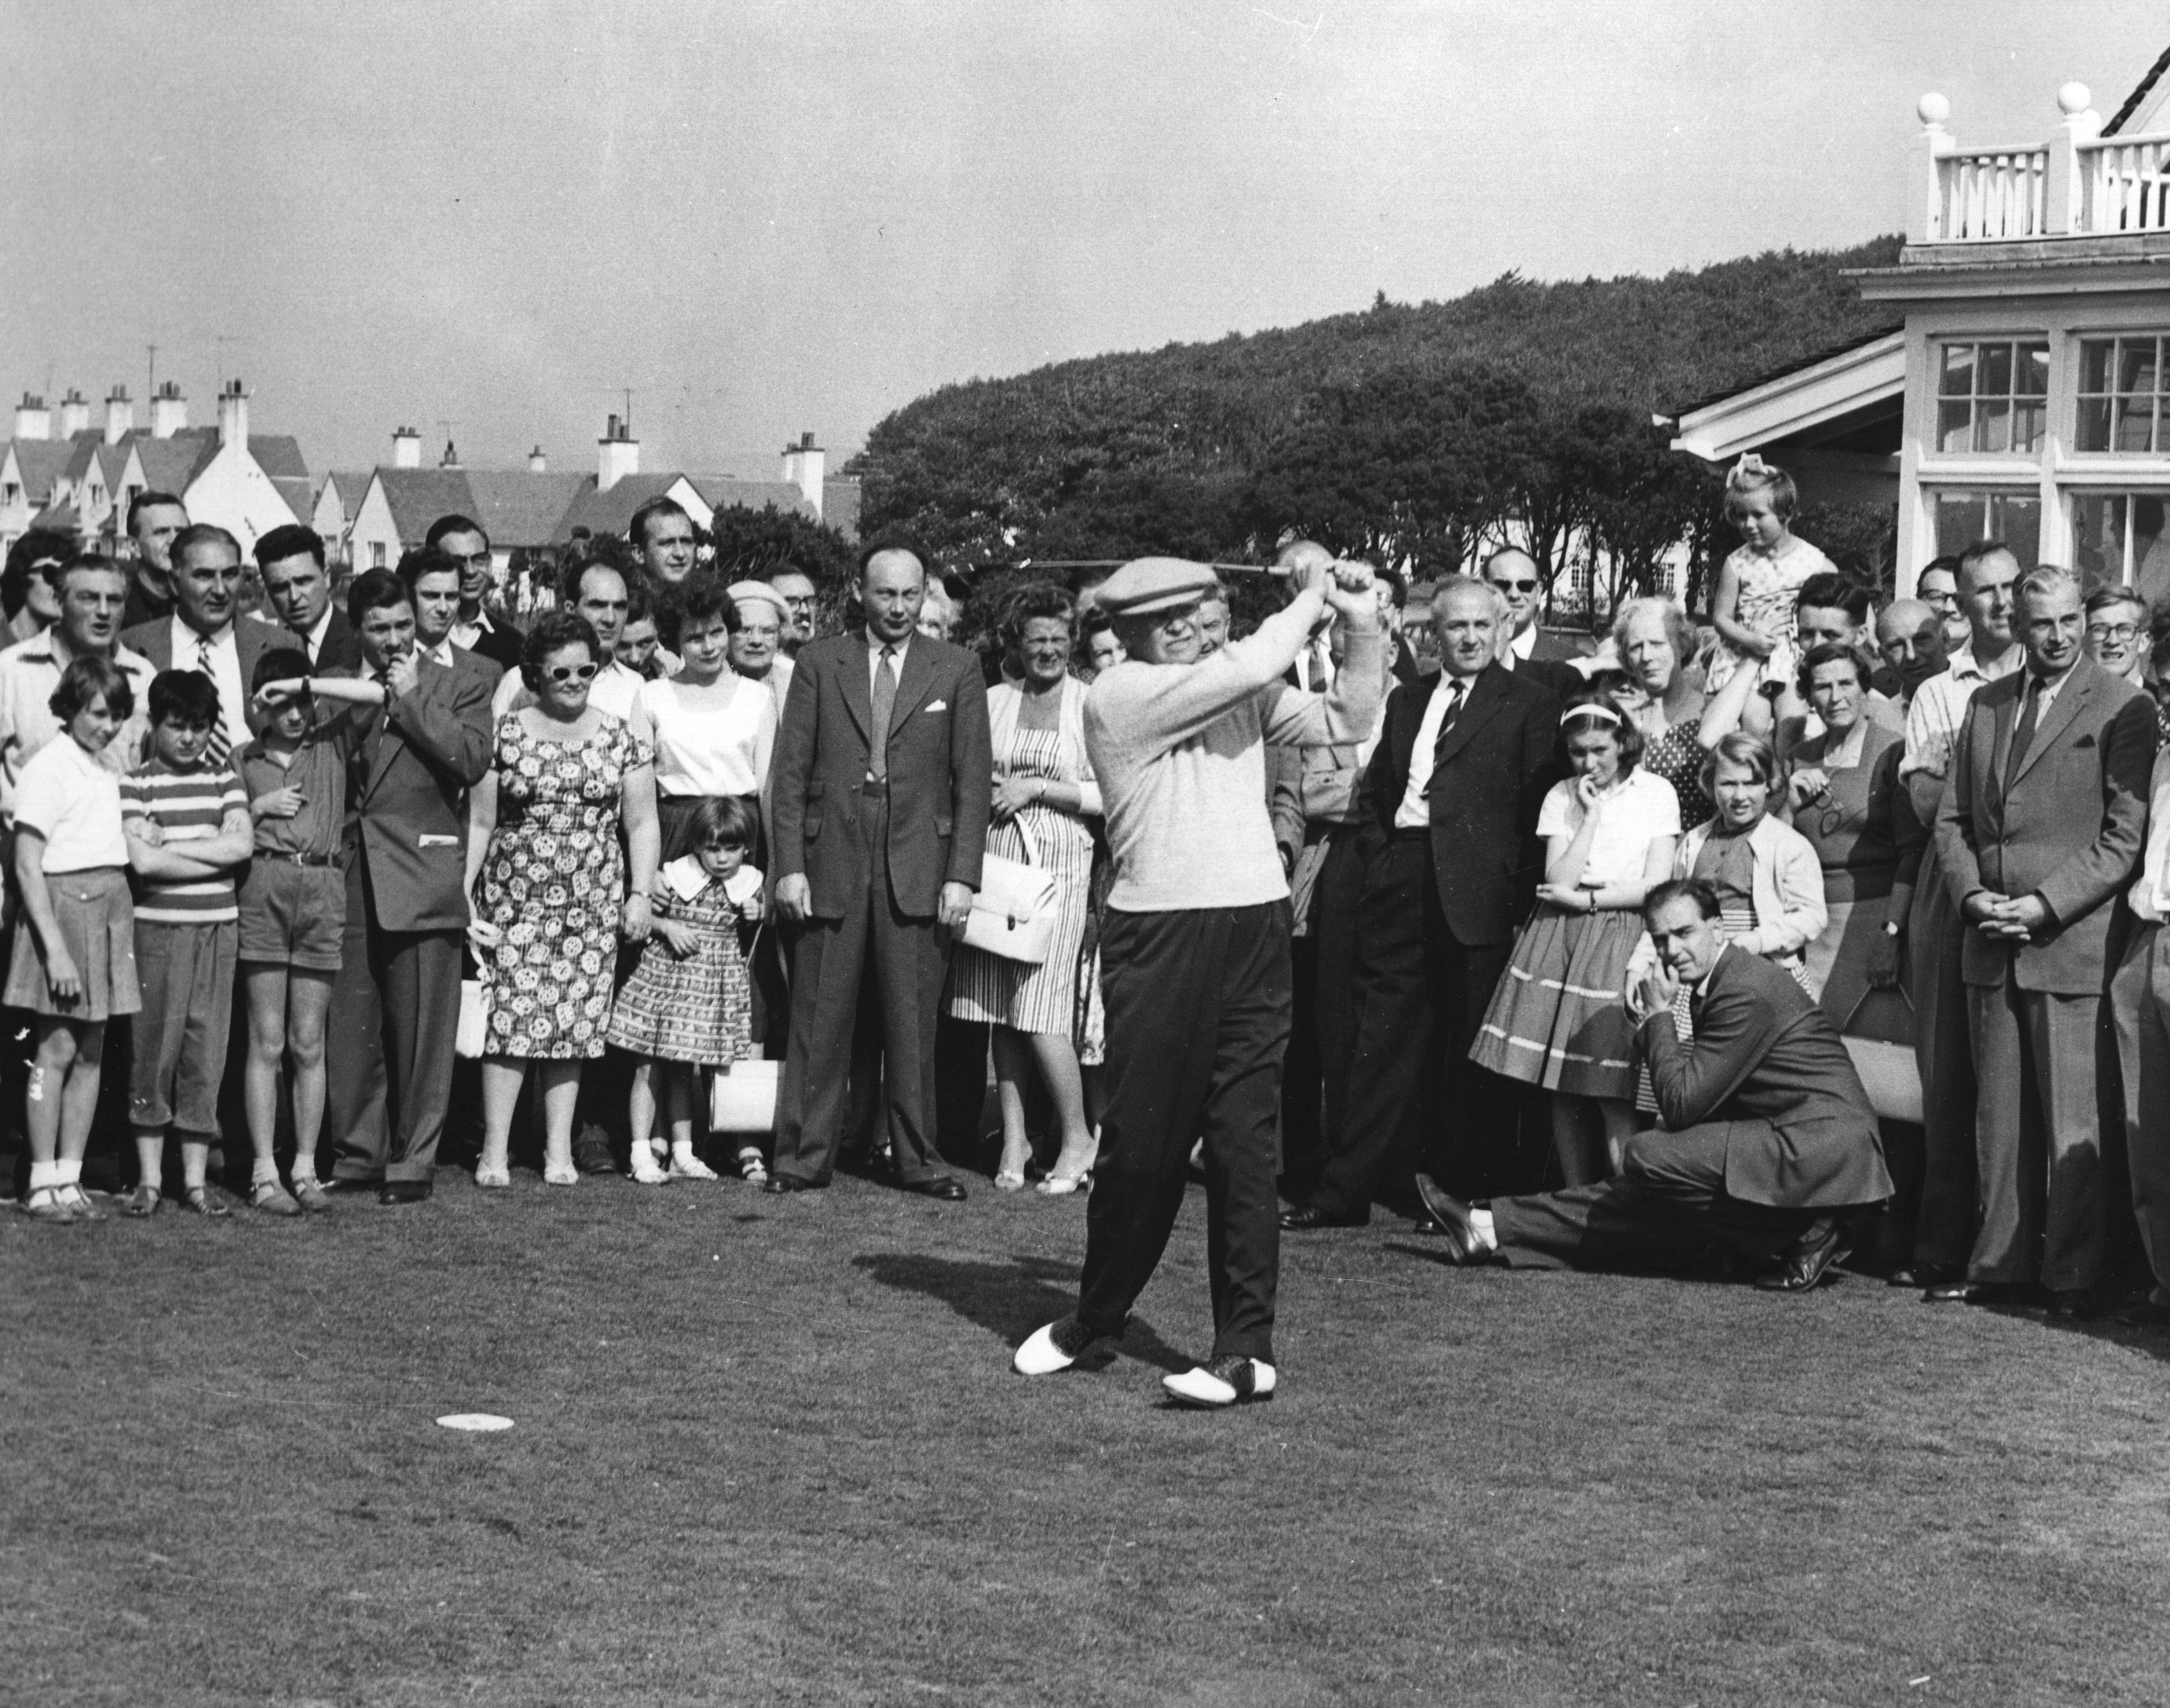 Dwight D Eisenhower golfing